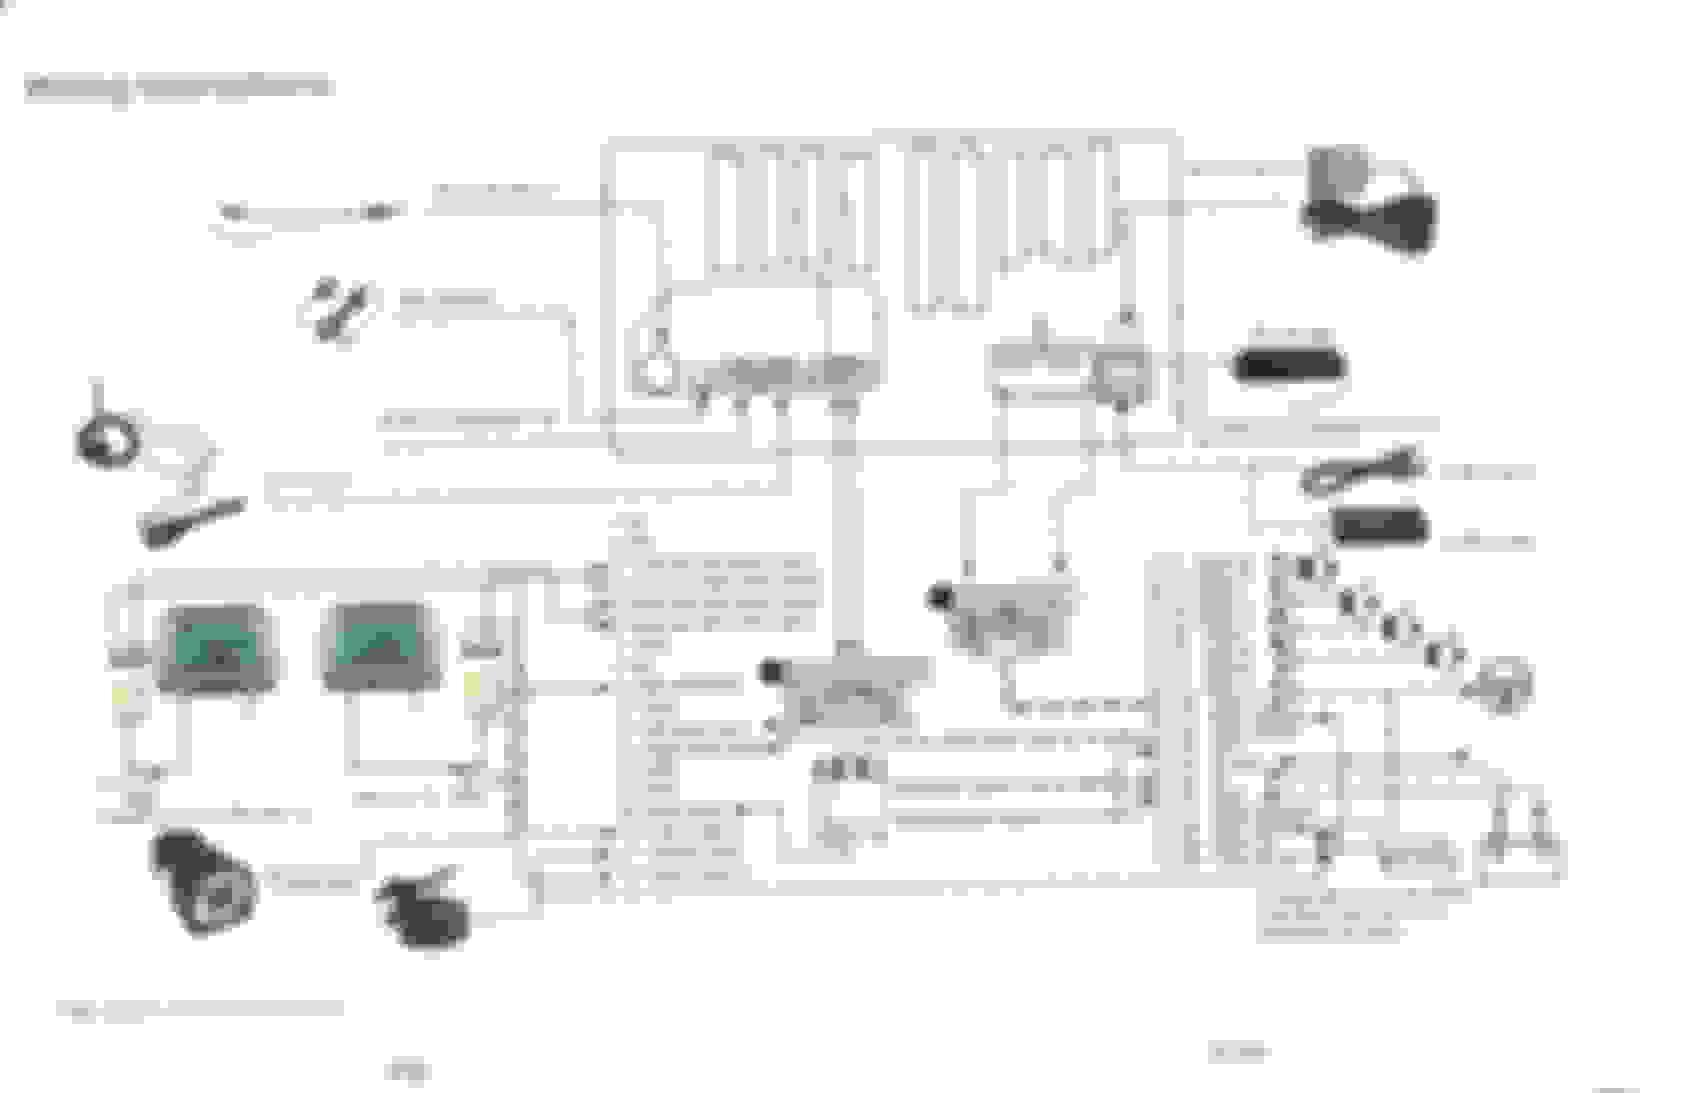 mercedes w202 chie wiring diagram wiring diagram fuse box bosch pump wiring  diagram head unit question